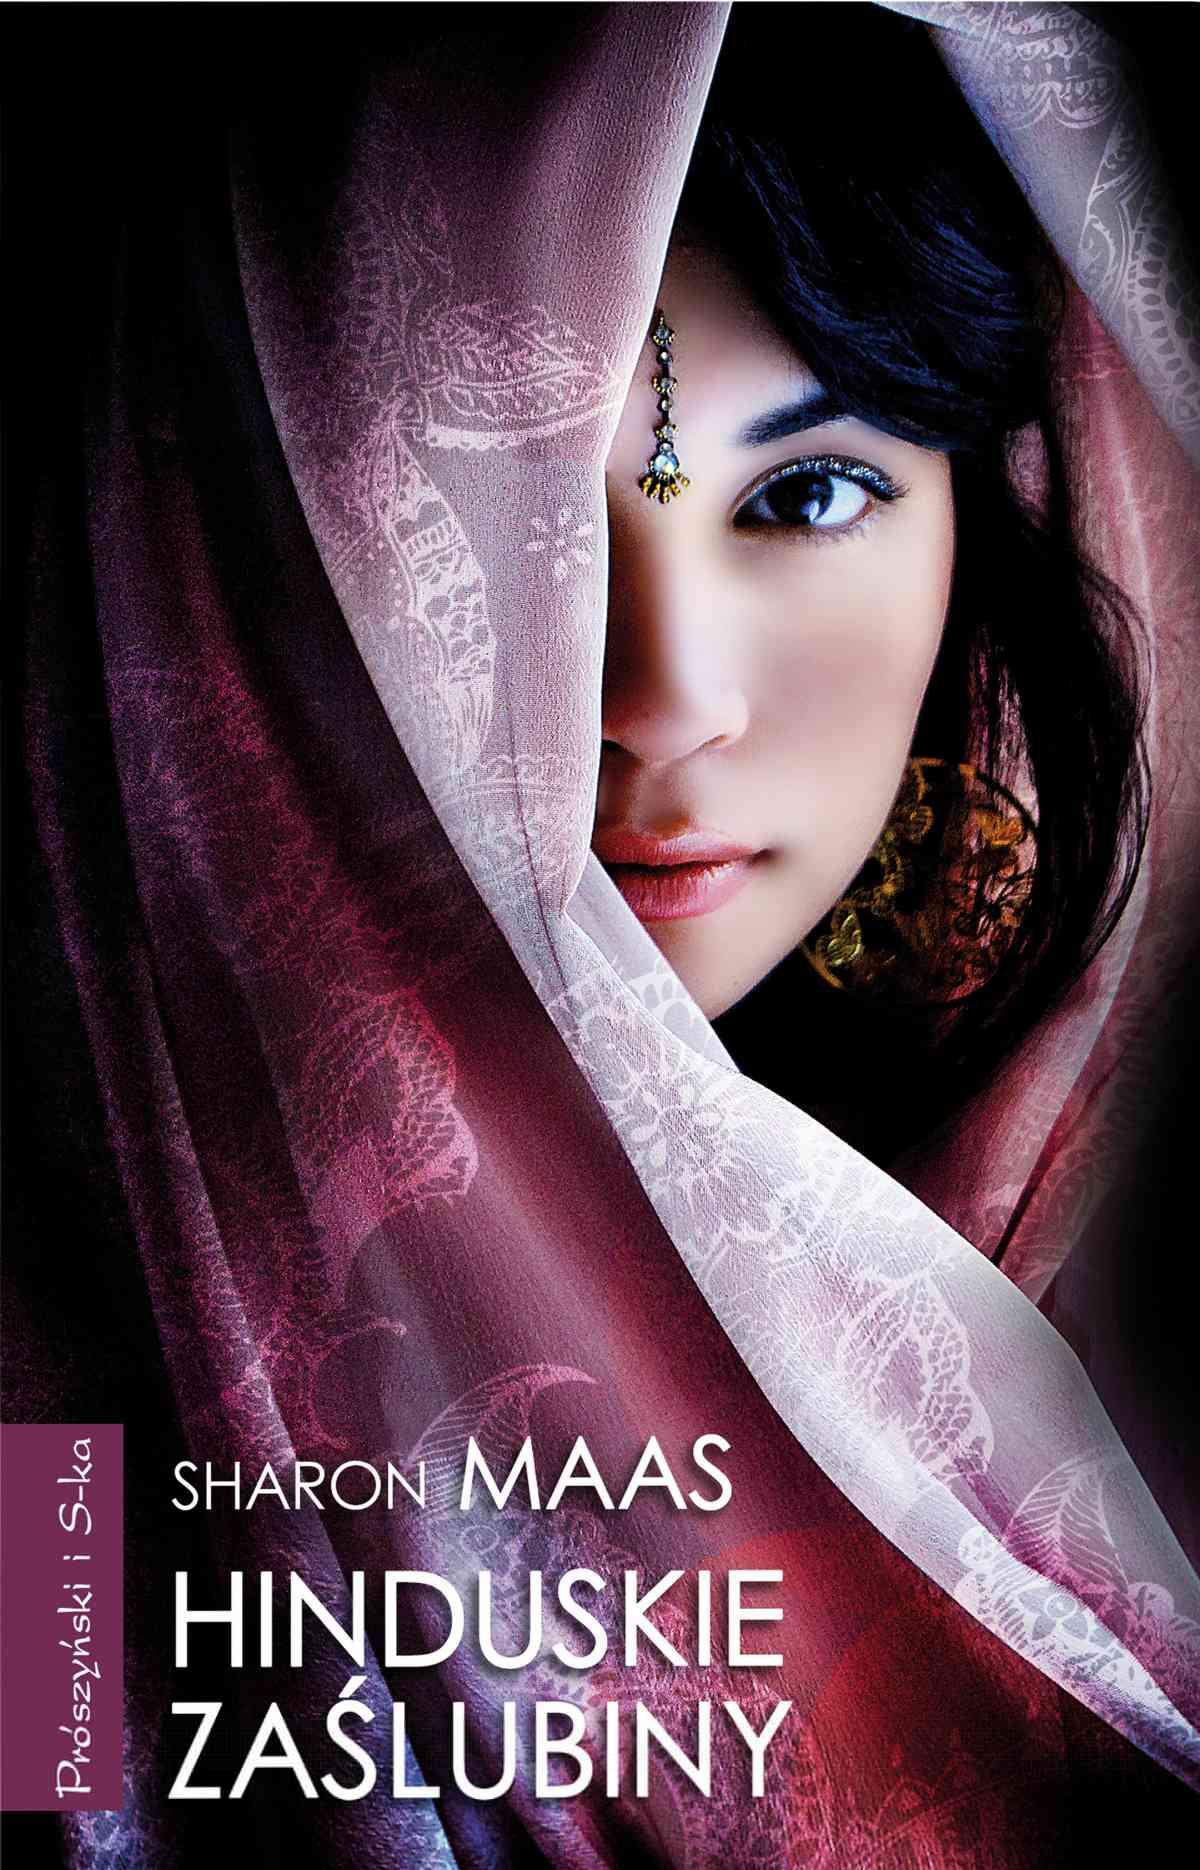 Hinduskie zaślubiny - Ebook (Książka EPUB) do pobrania w formacie EPUB